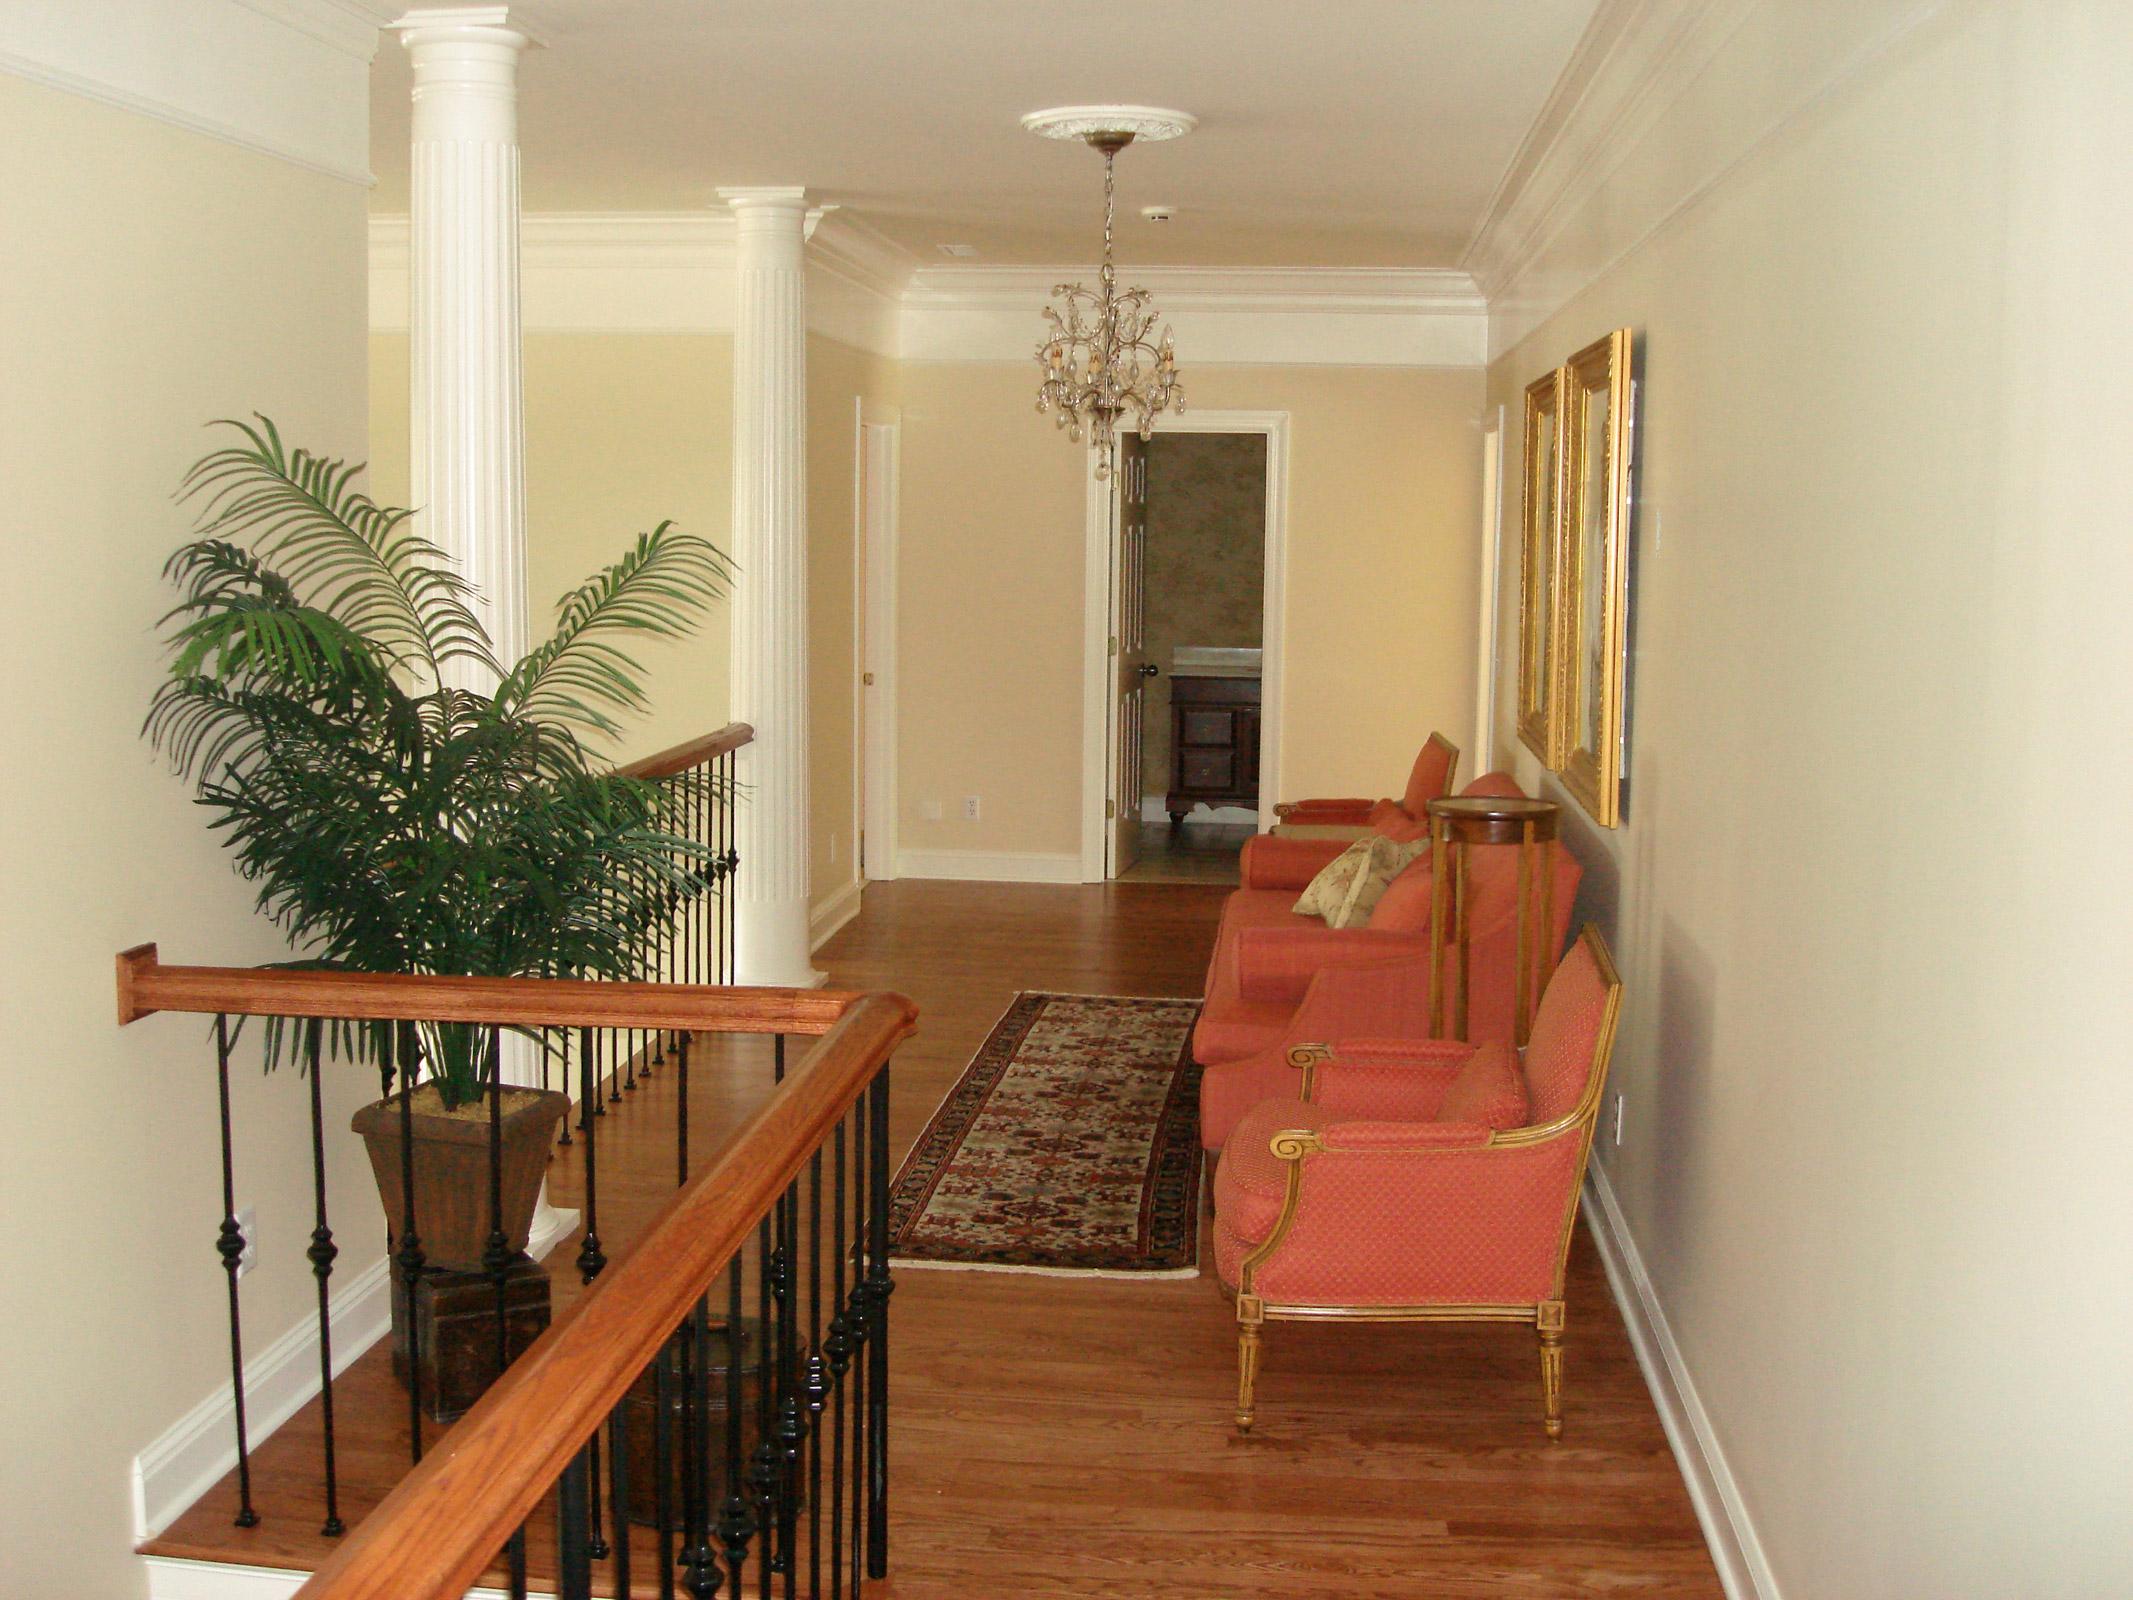 WOCC-ResidenceLivingston3_15.jpg